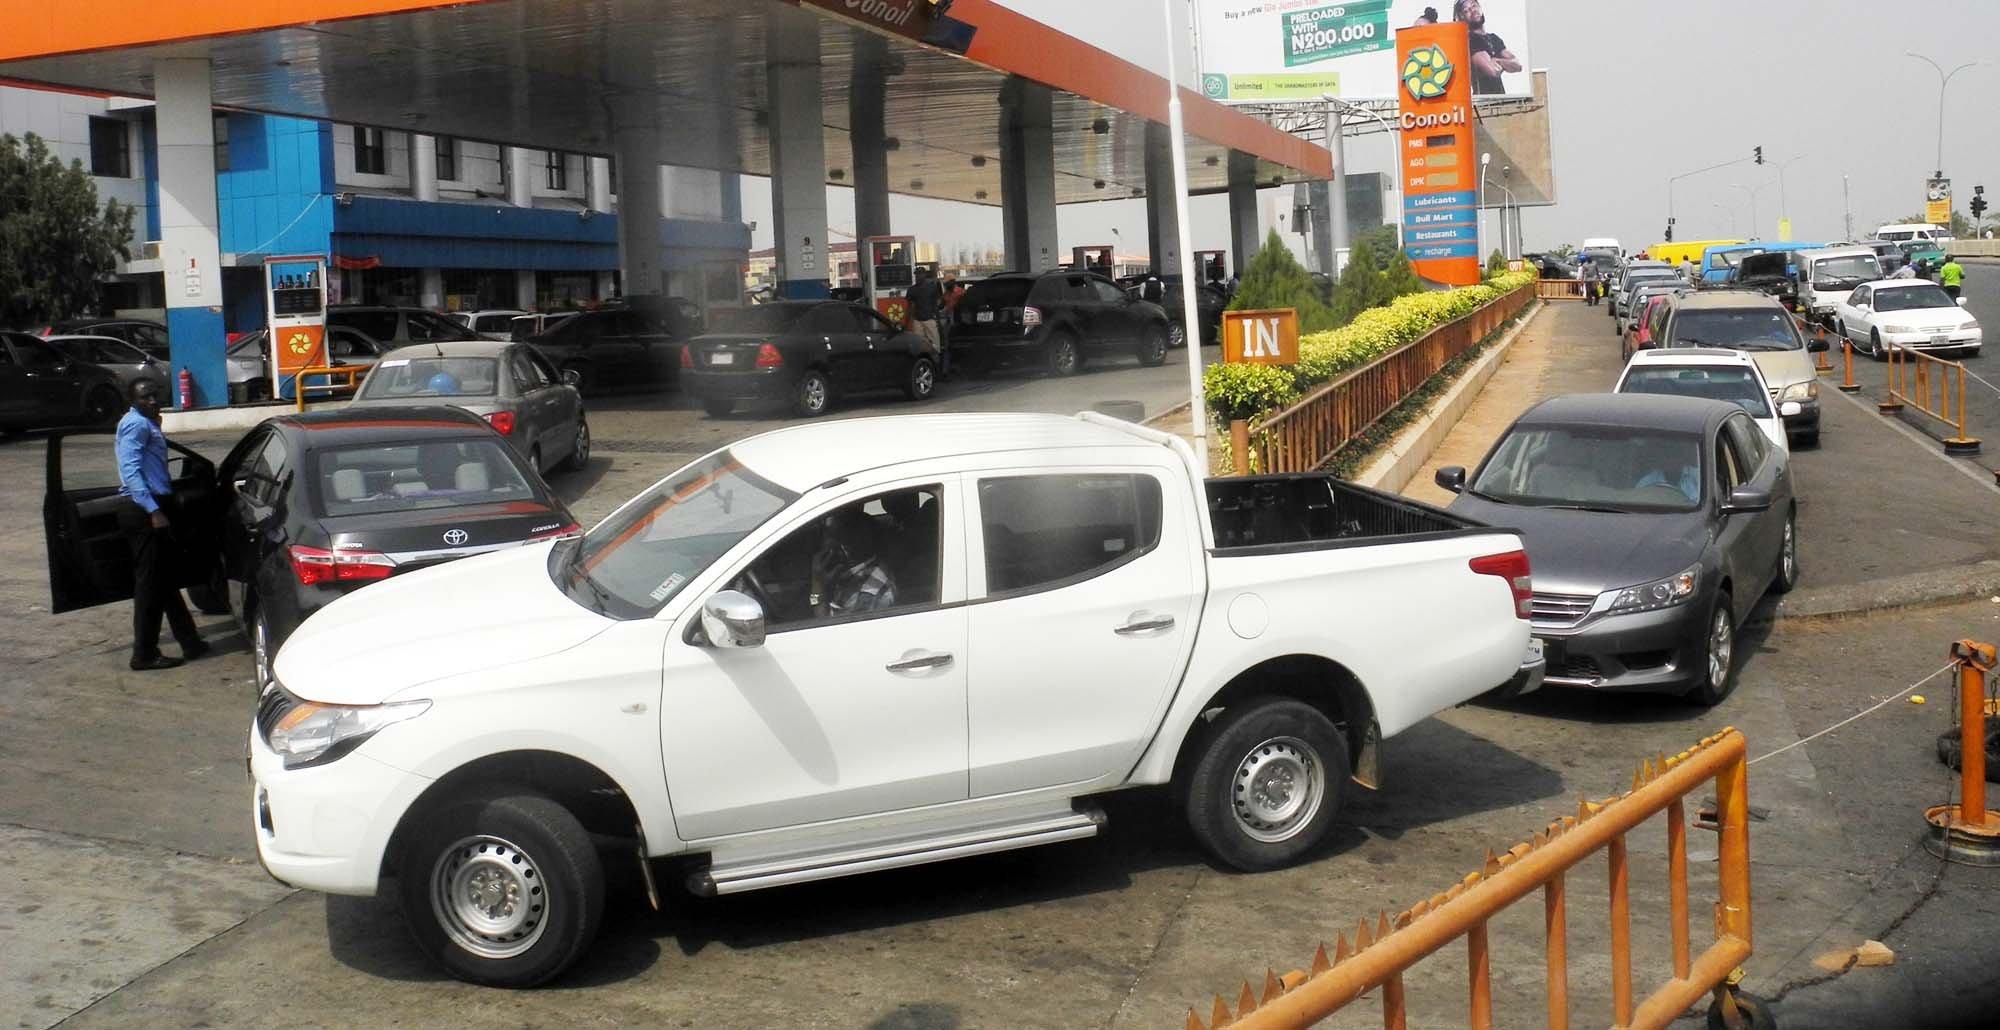 Shortfall of petrol supply to Kaduna reason for scarcity - DPR